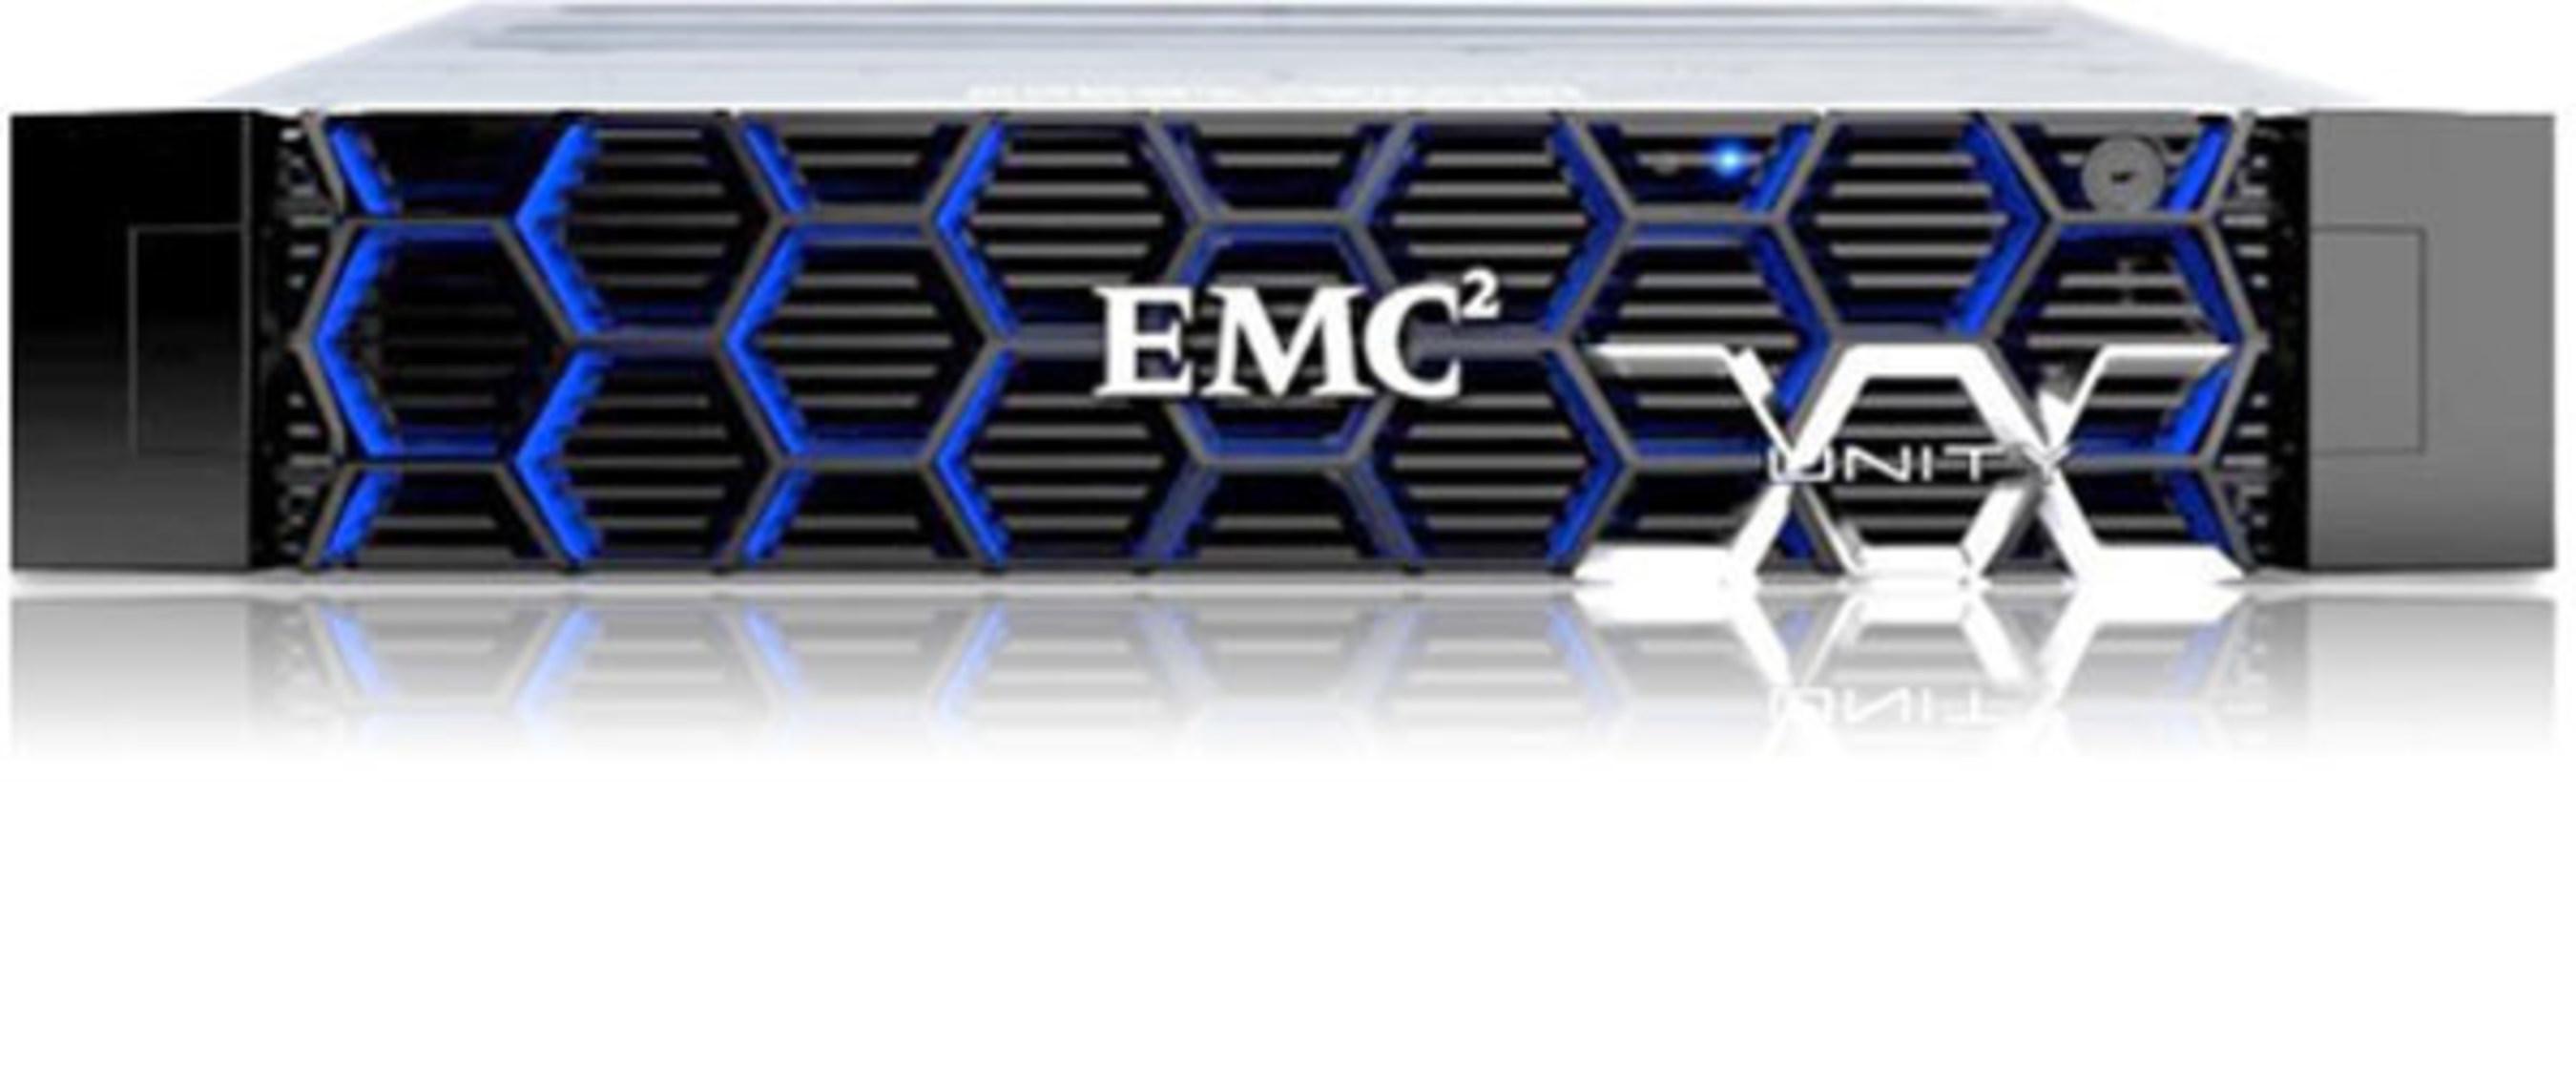 EMC Unity